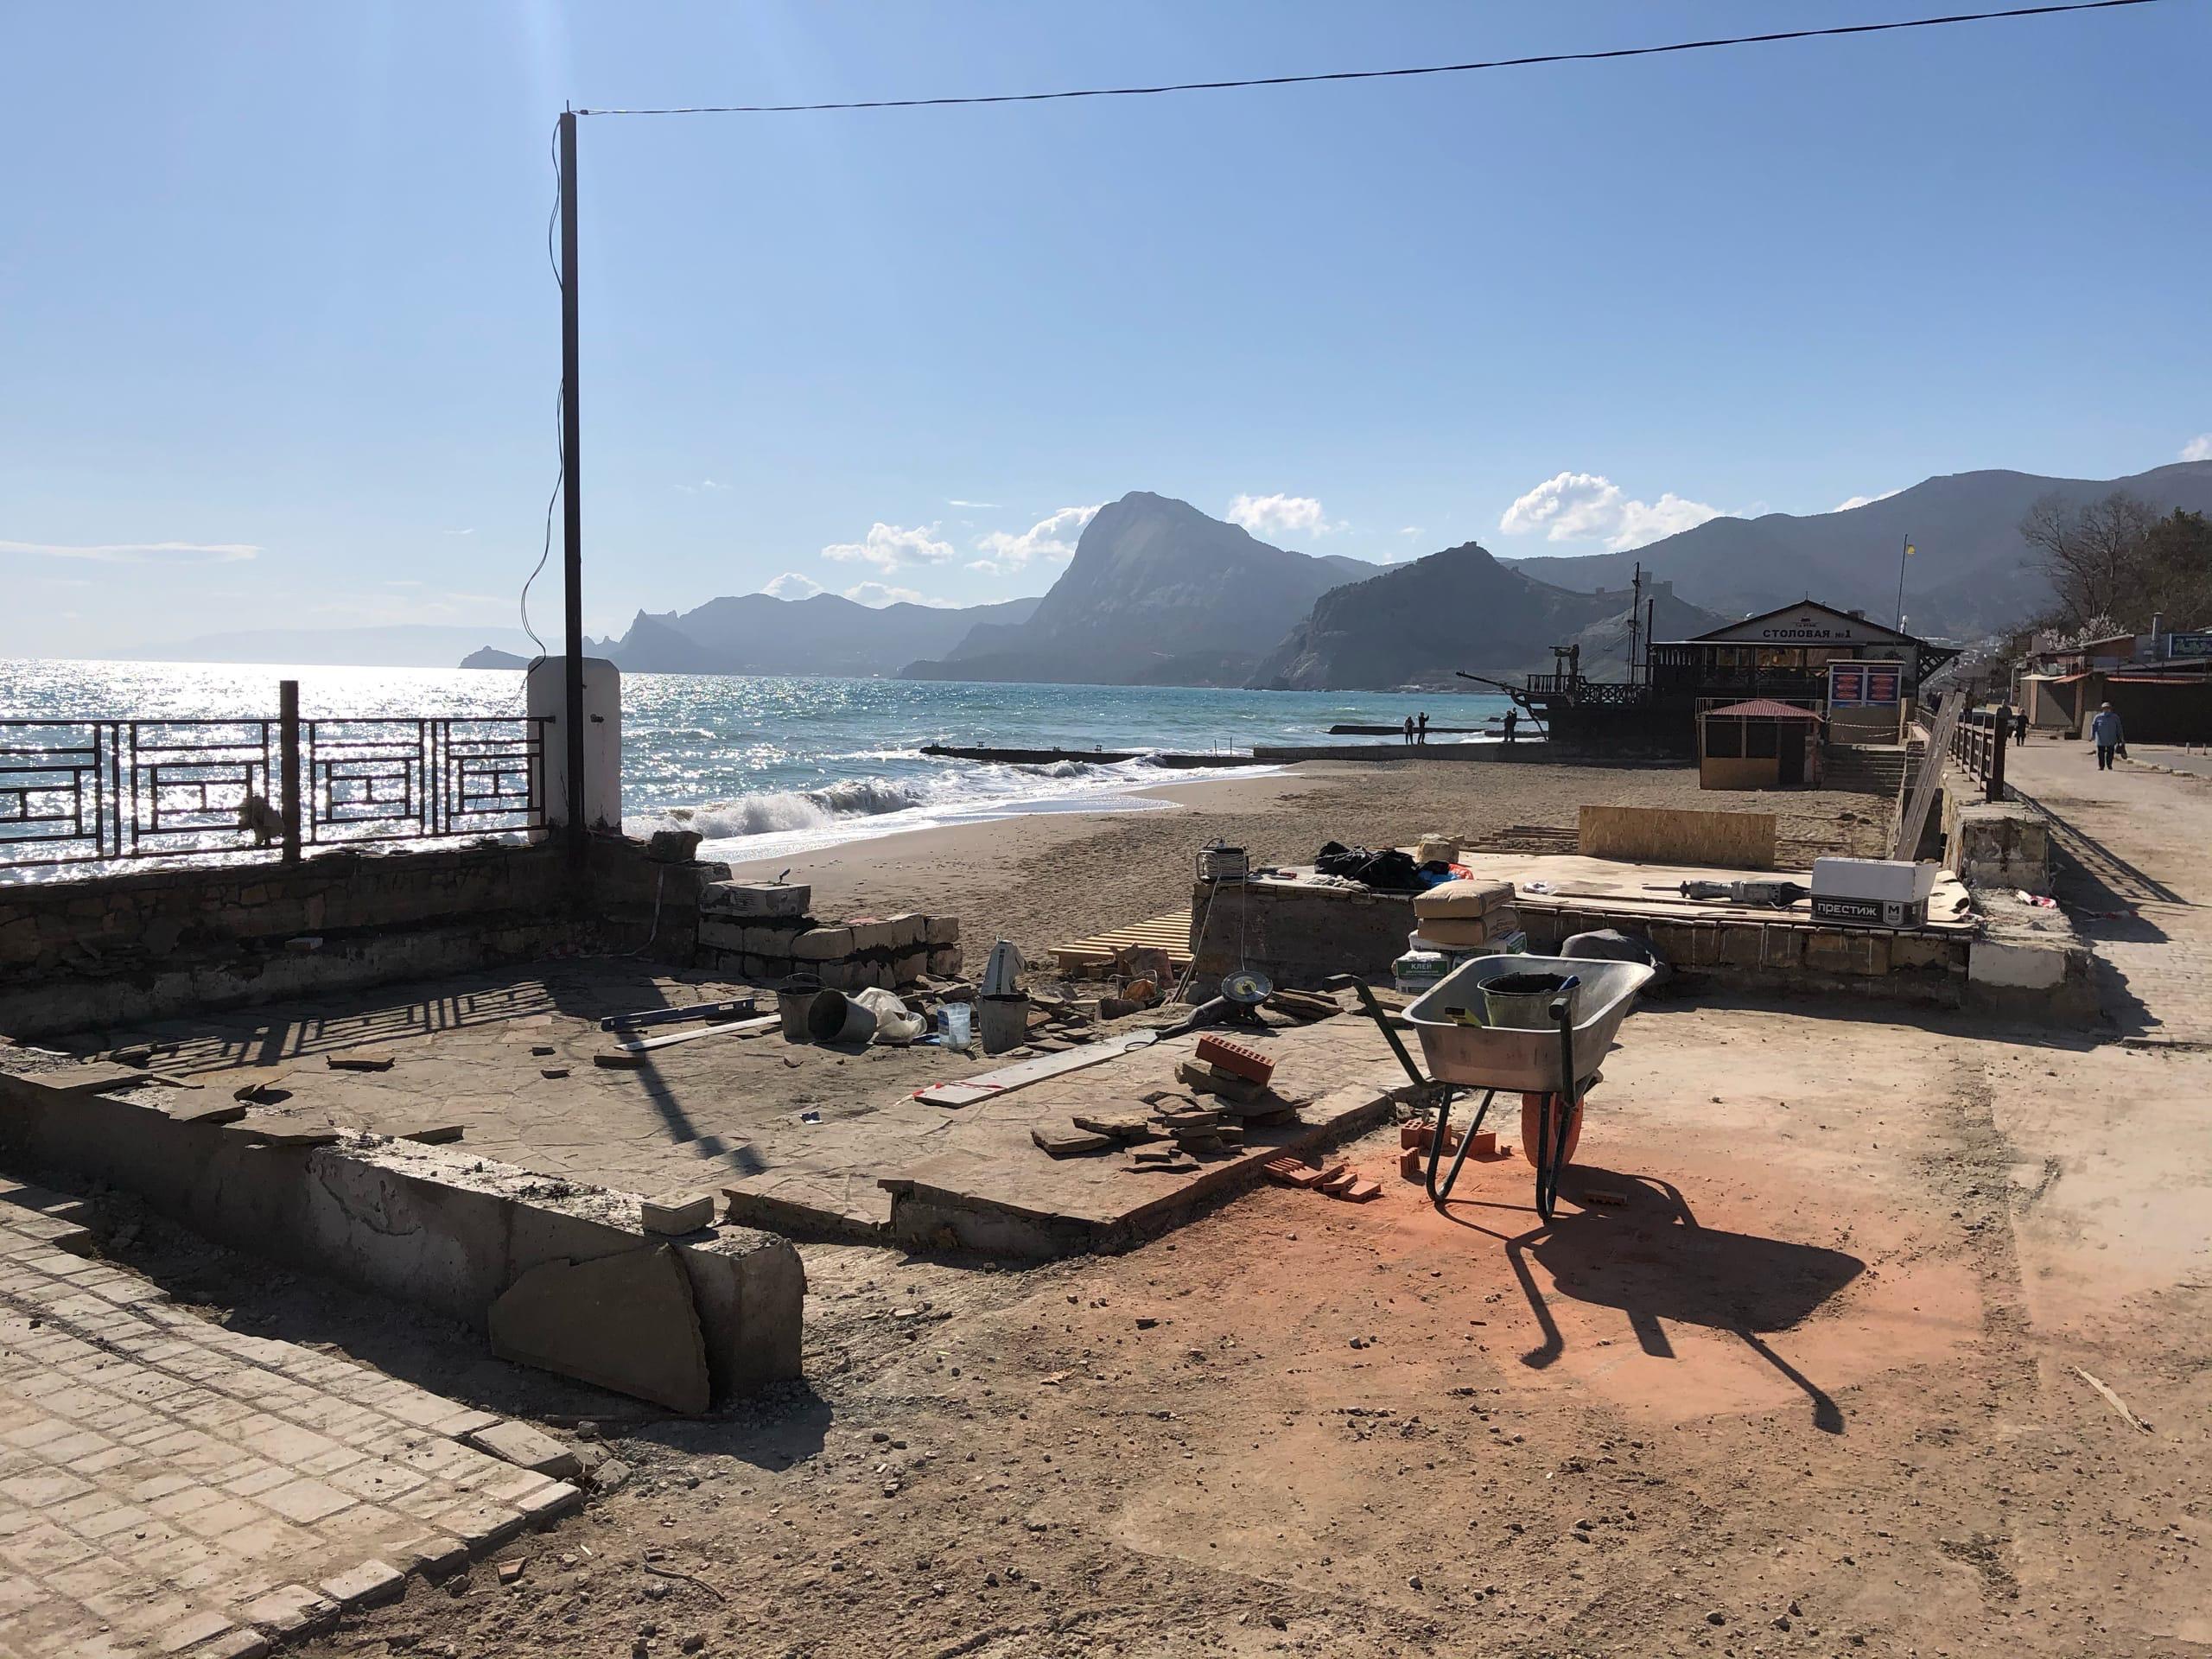 «Это благоустройство»: В администрации Судака прокомментировали застройку Колхозного пляжа